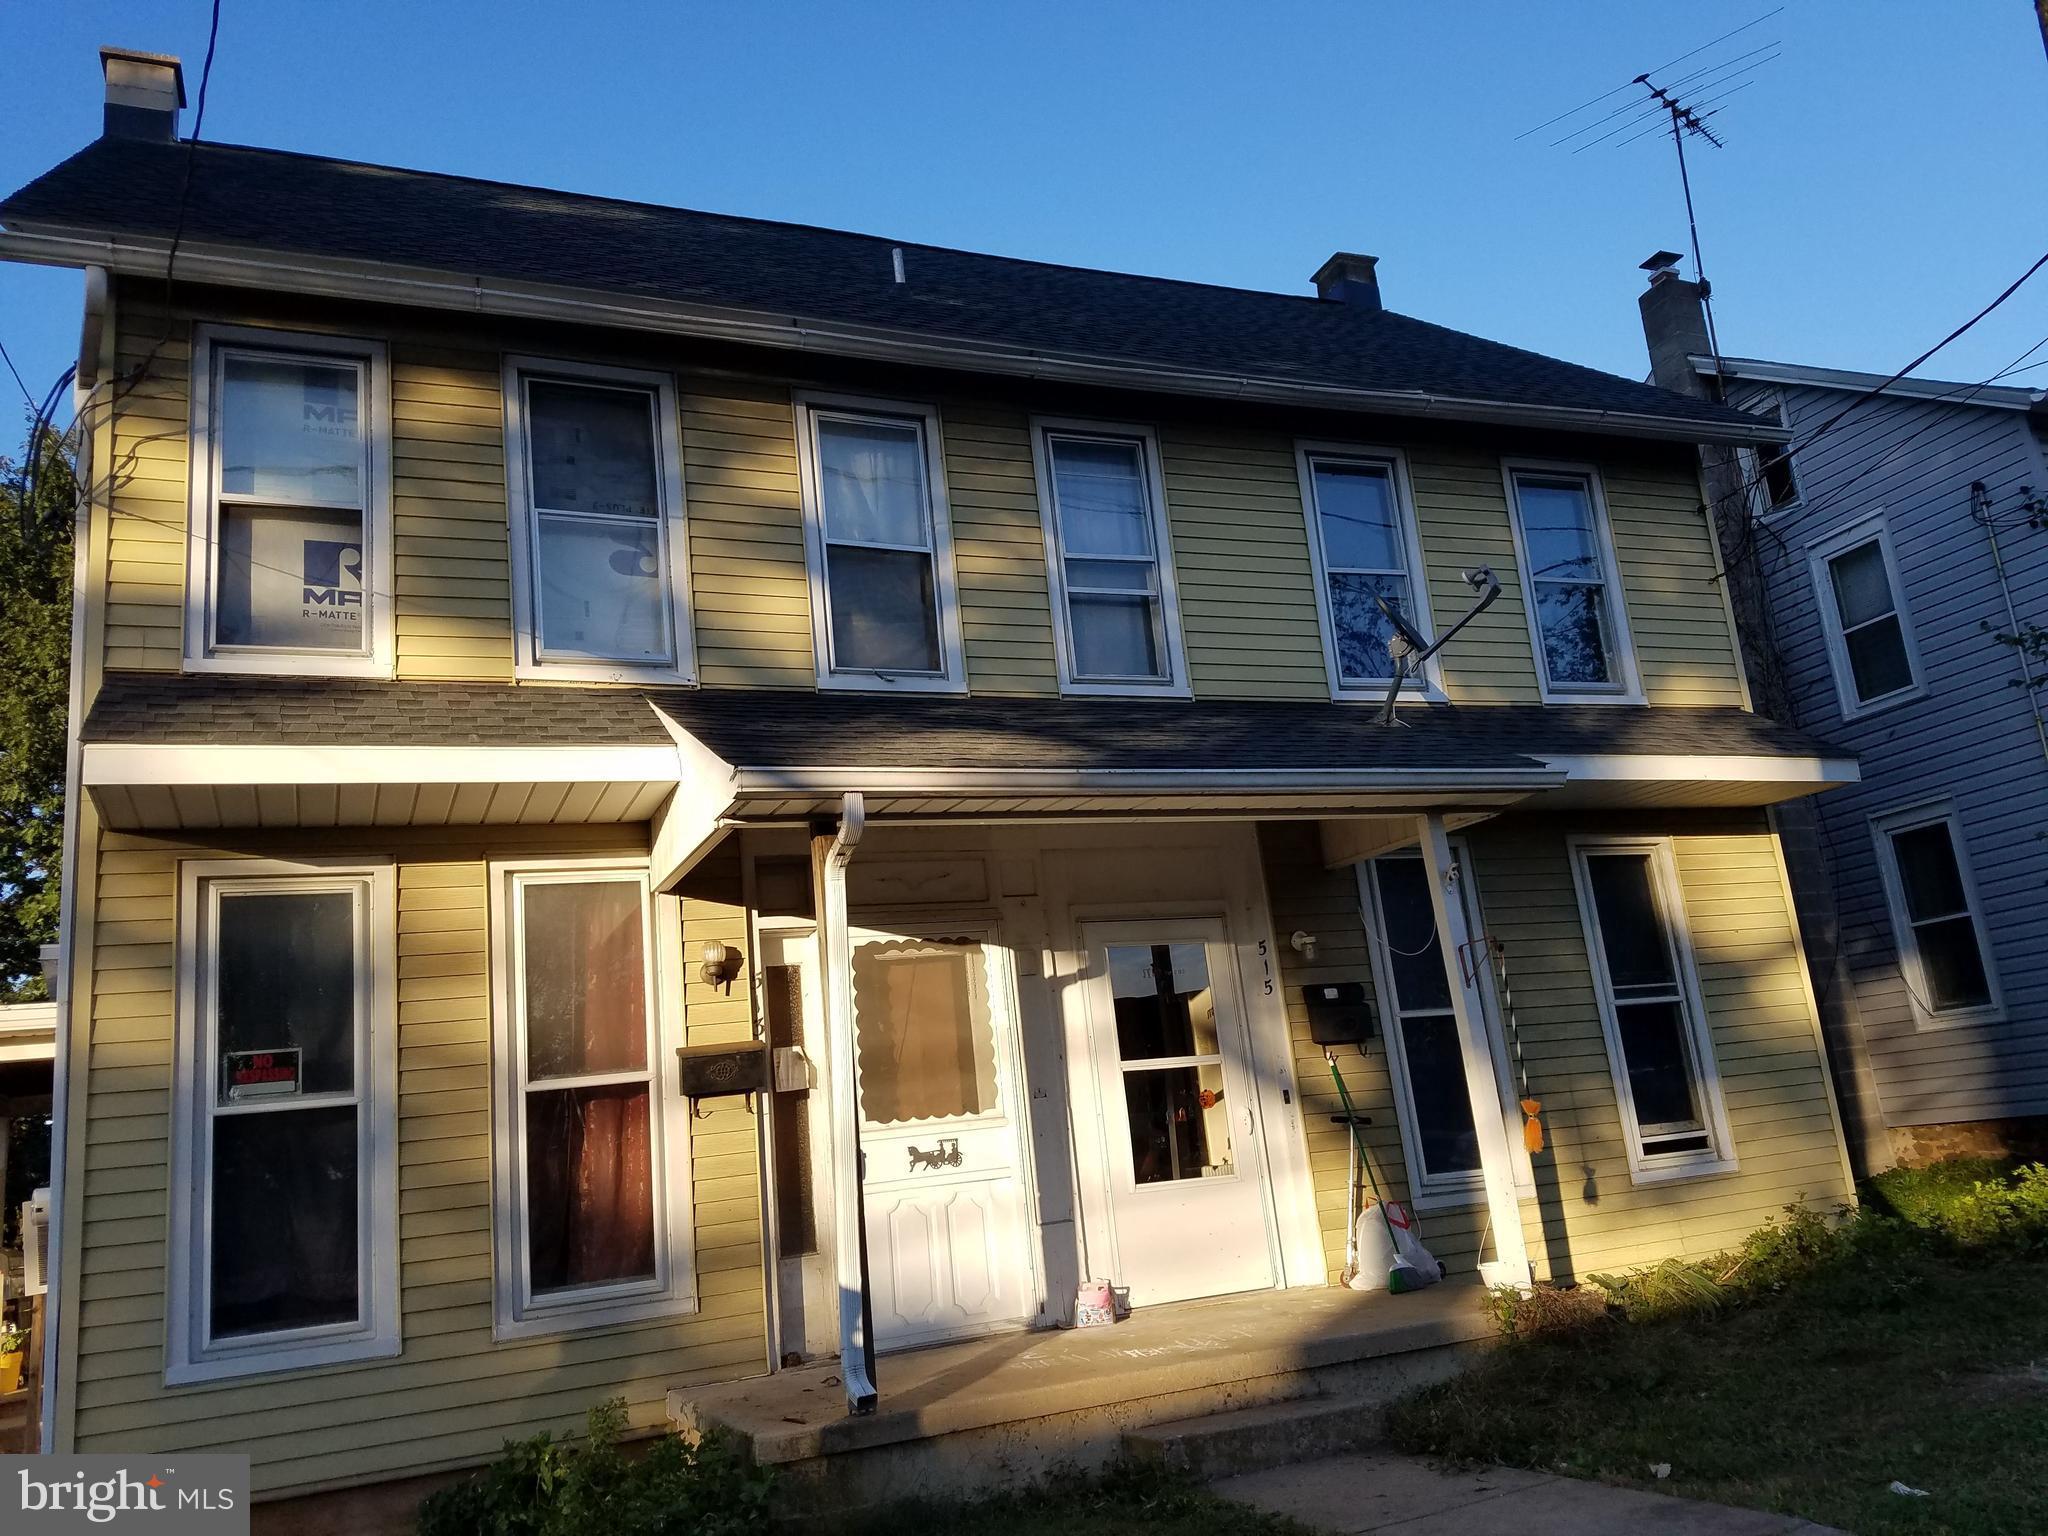 513 MAIN STREET, AKRON, PA 17501